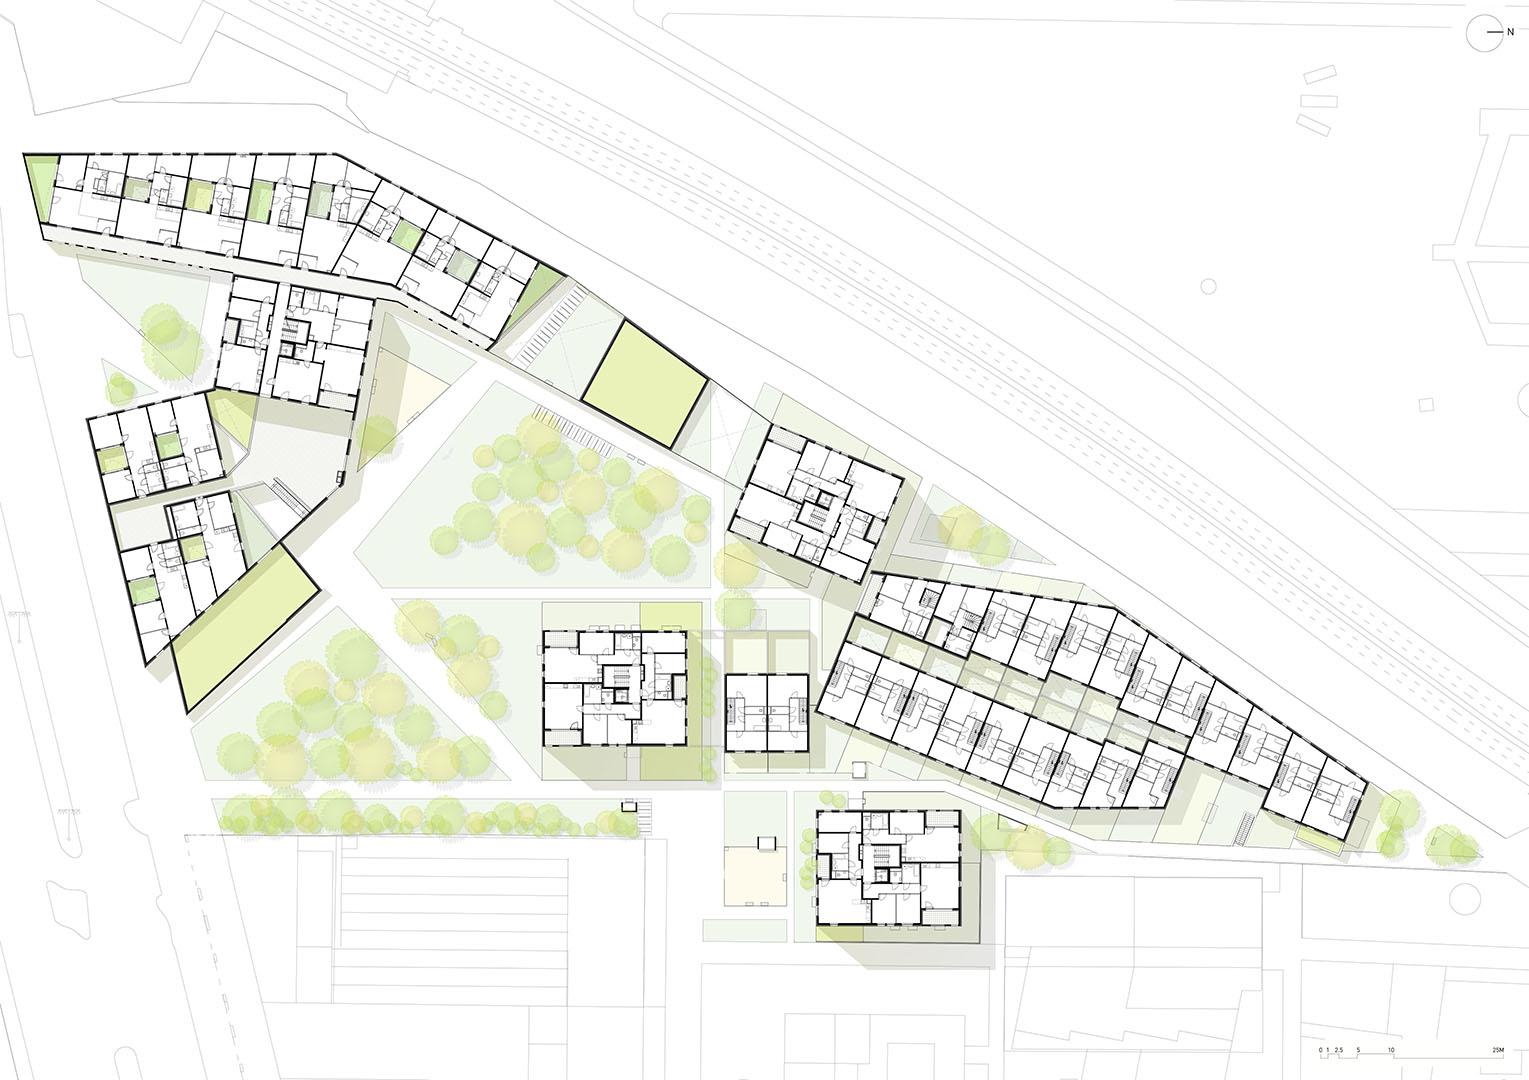 4_Perfektastrasse_Vienna_1st floor plan